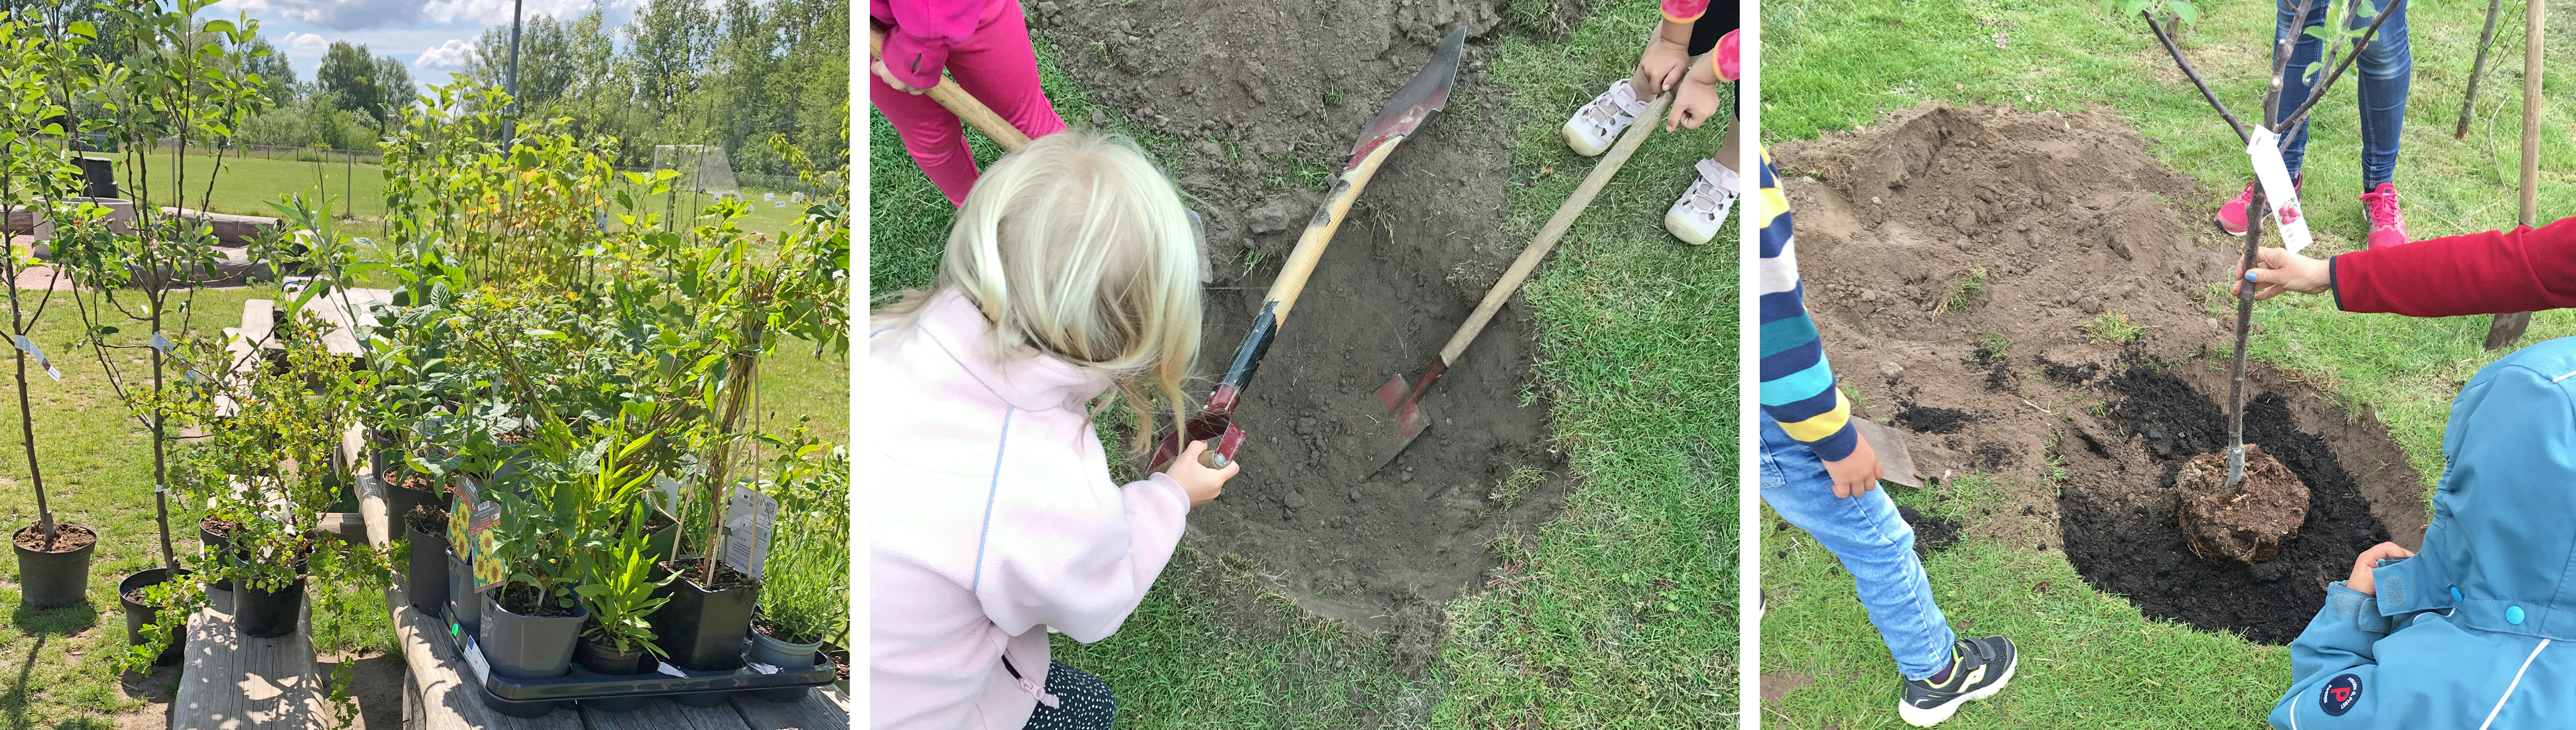 Tre bilder. Den första visar alla växter när de levererades. Den andra visar när barnen gräver en grop till ett träd. Den tredje visar när trädet sätts på plats.